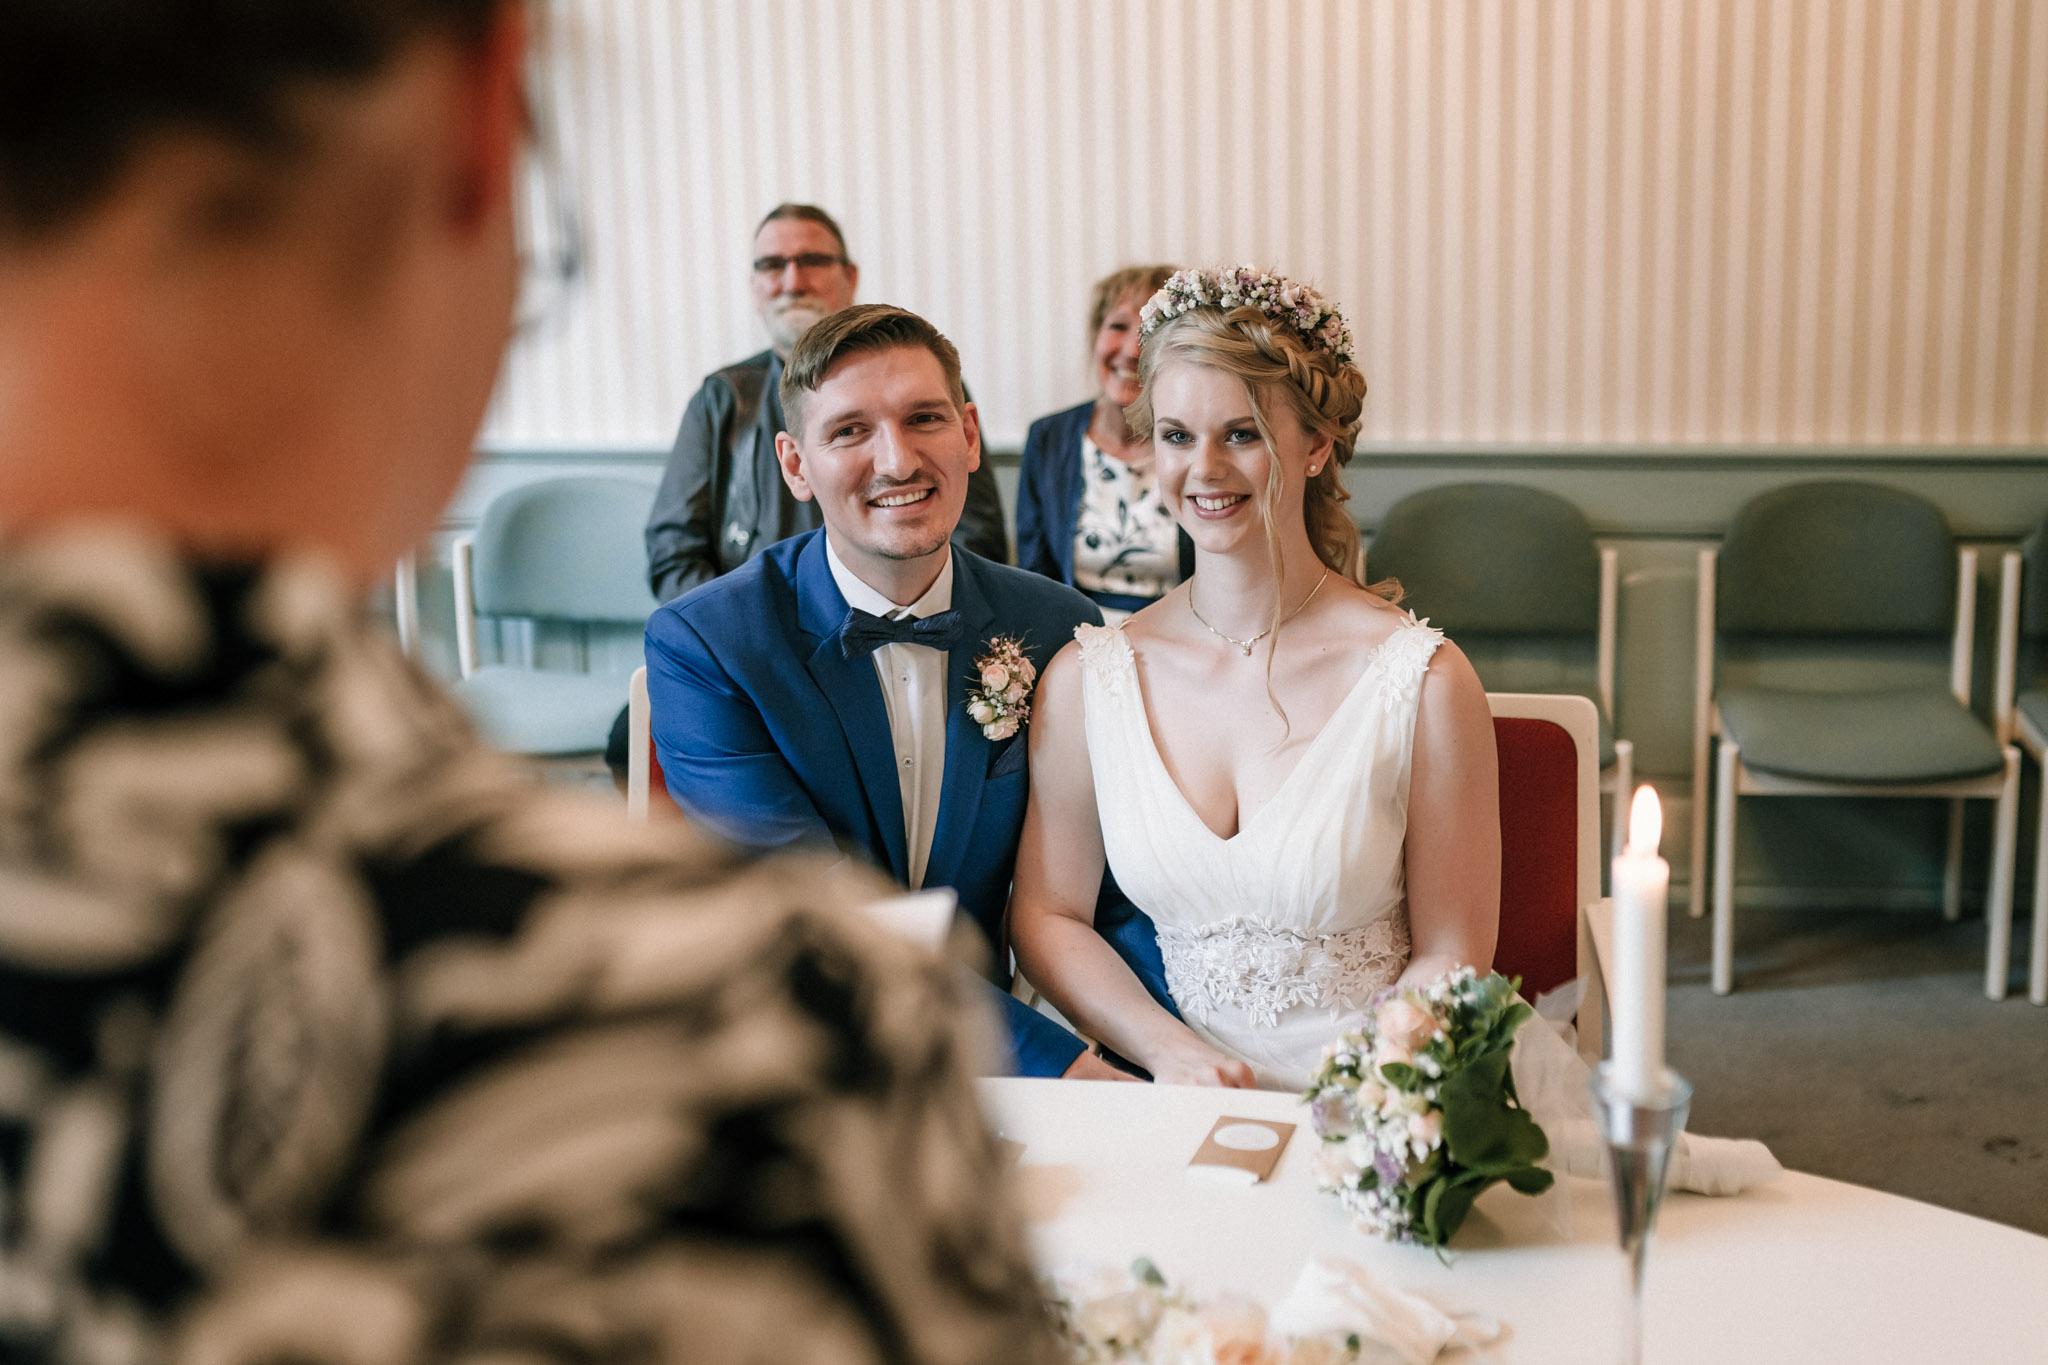 Hochzeitsfieber by Photo-Schomburg, Sven Schomburg Hochzeitsfotografie, Hochzeitsfotograf, Bad Bramstedt, Hamburg, Schleswig-Hostein-25